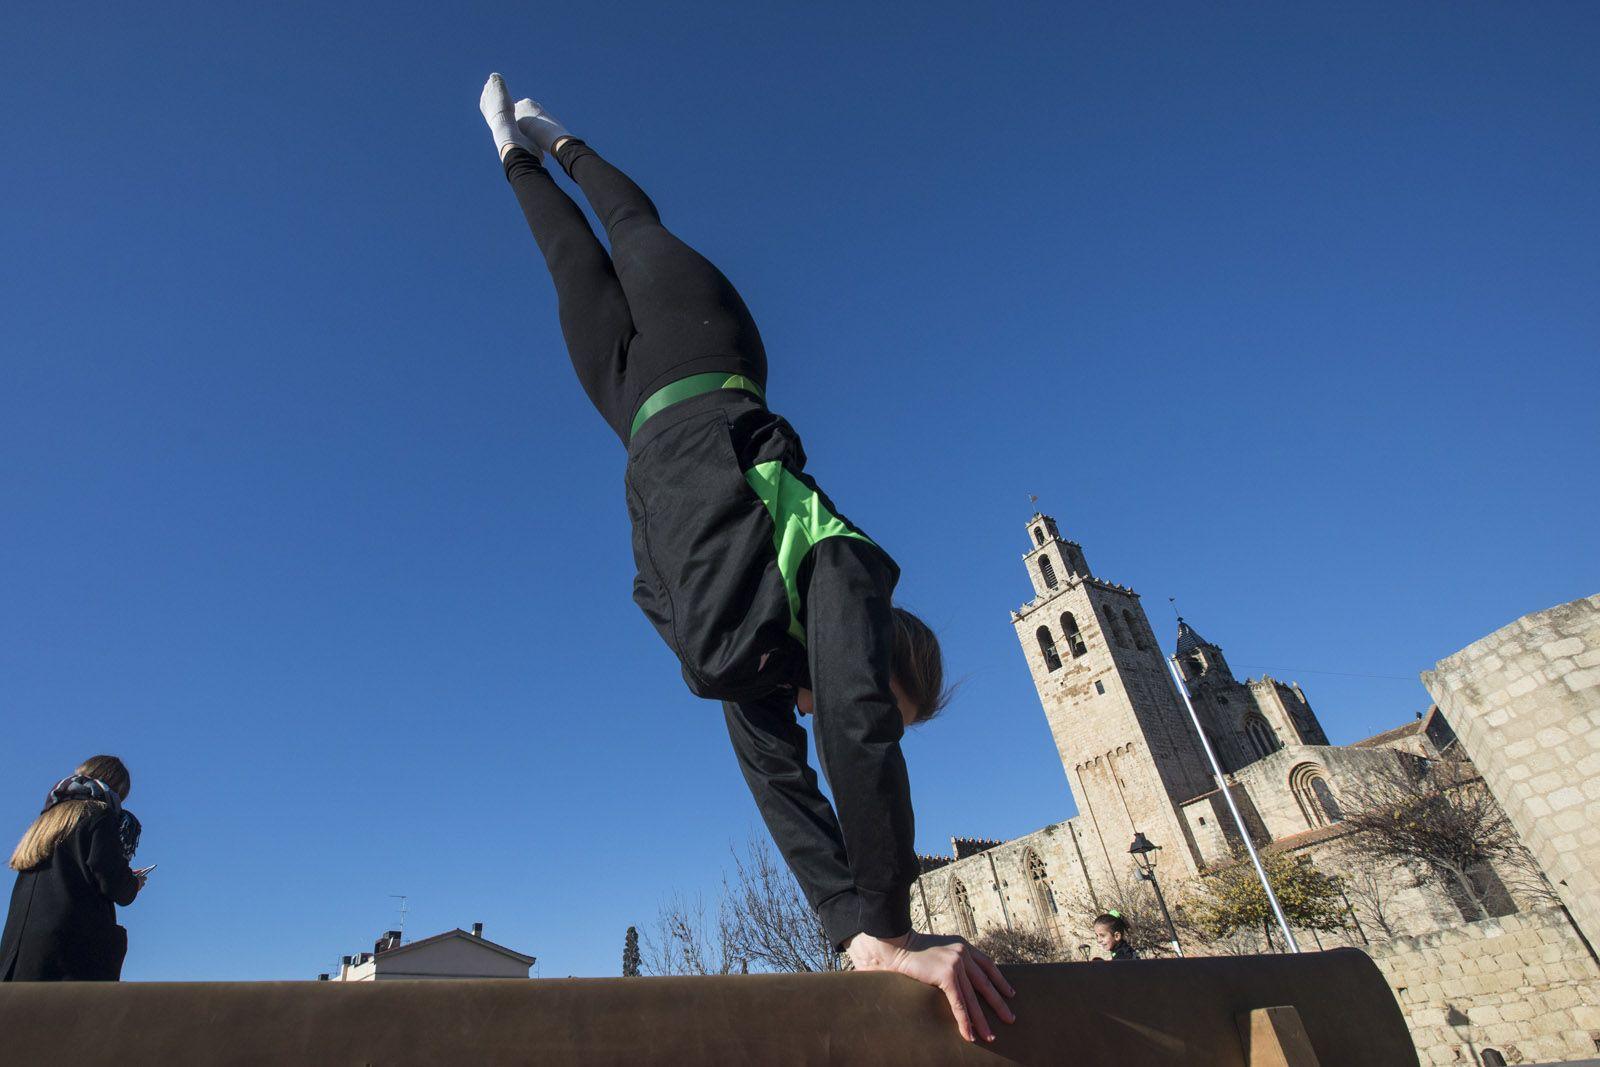 Un dels exercicis que han fet les gimnastes del Club Artística Sant Cugat. FOTO: Lali Puig